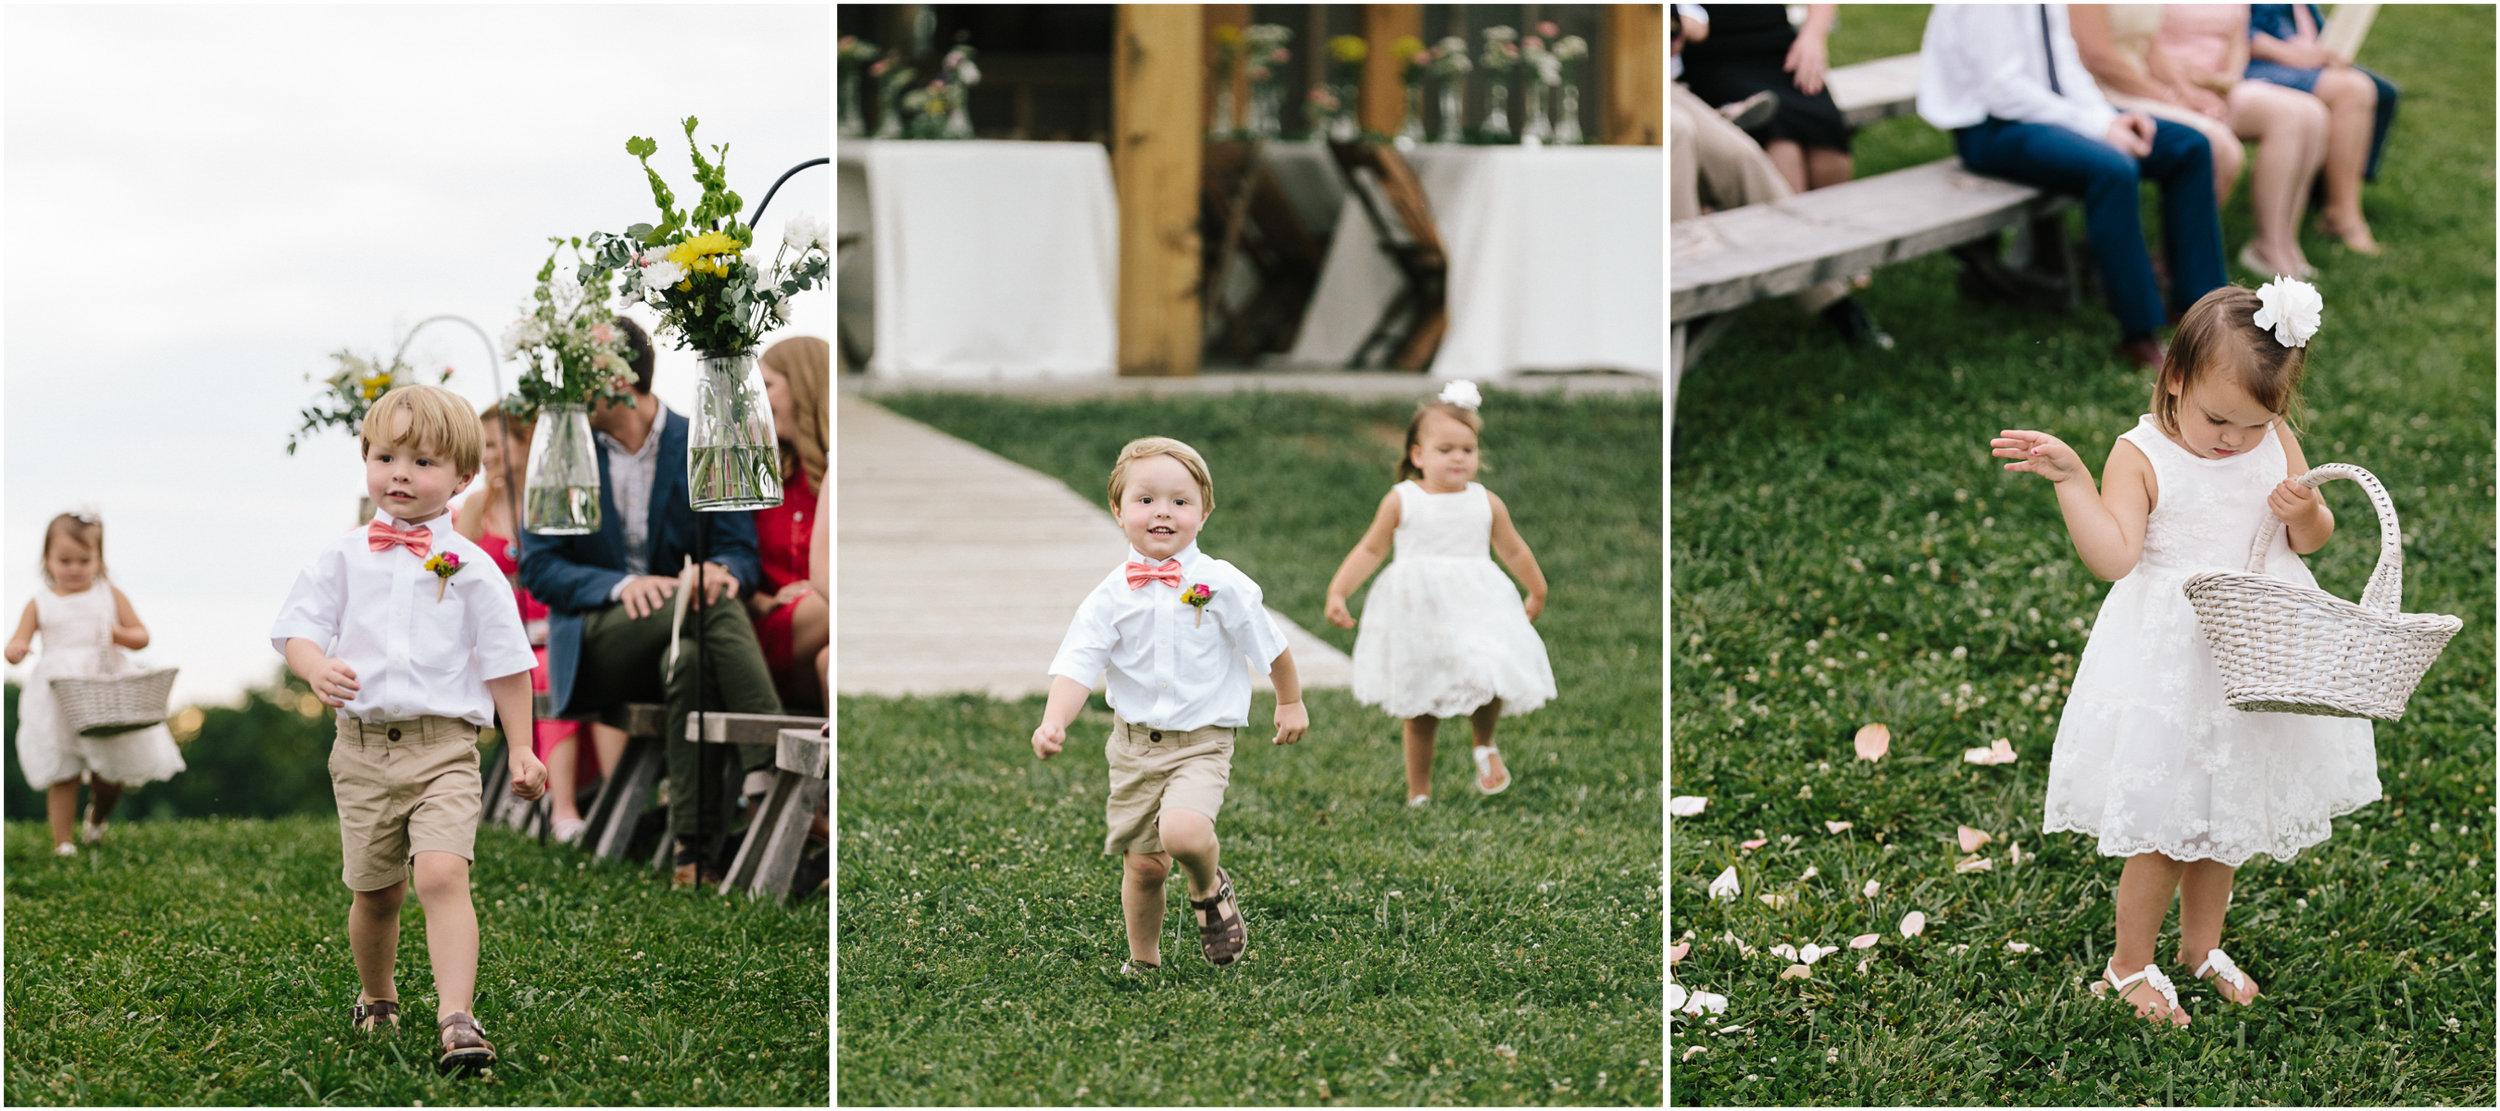 alyssa barletter photography weston missouri bright summer wedding allie and alex cole-37.jpg